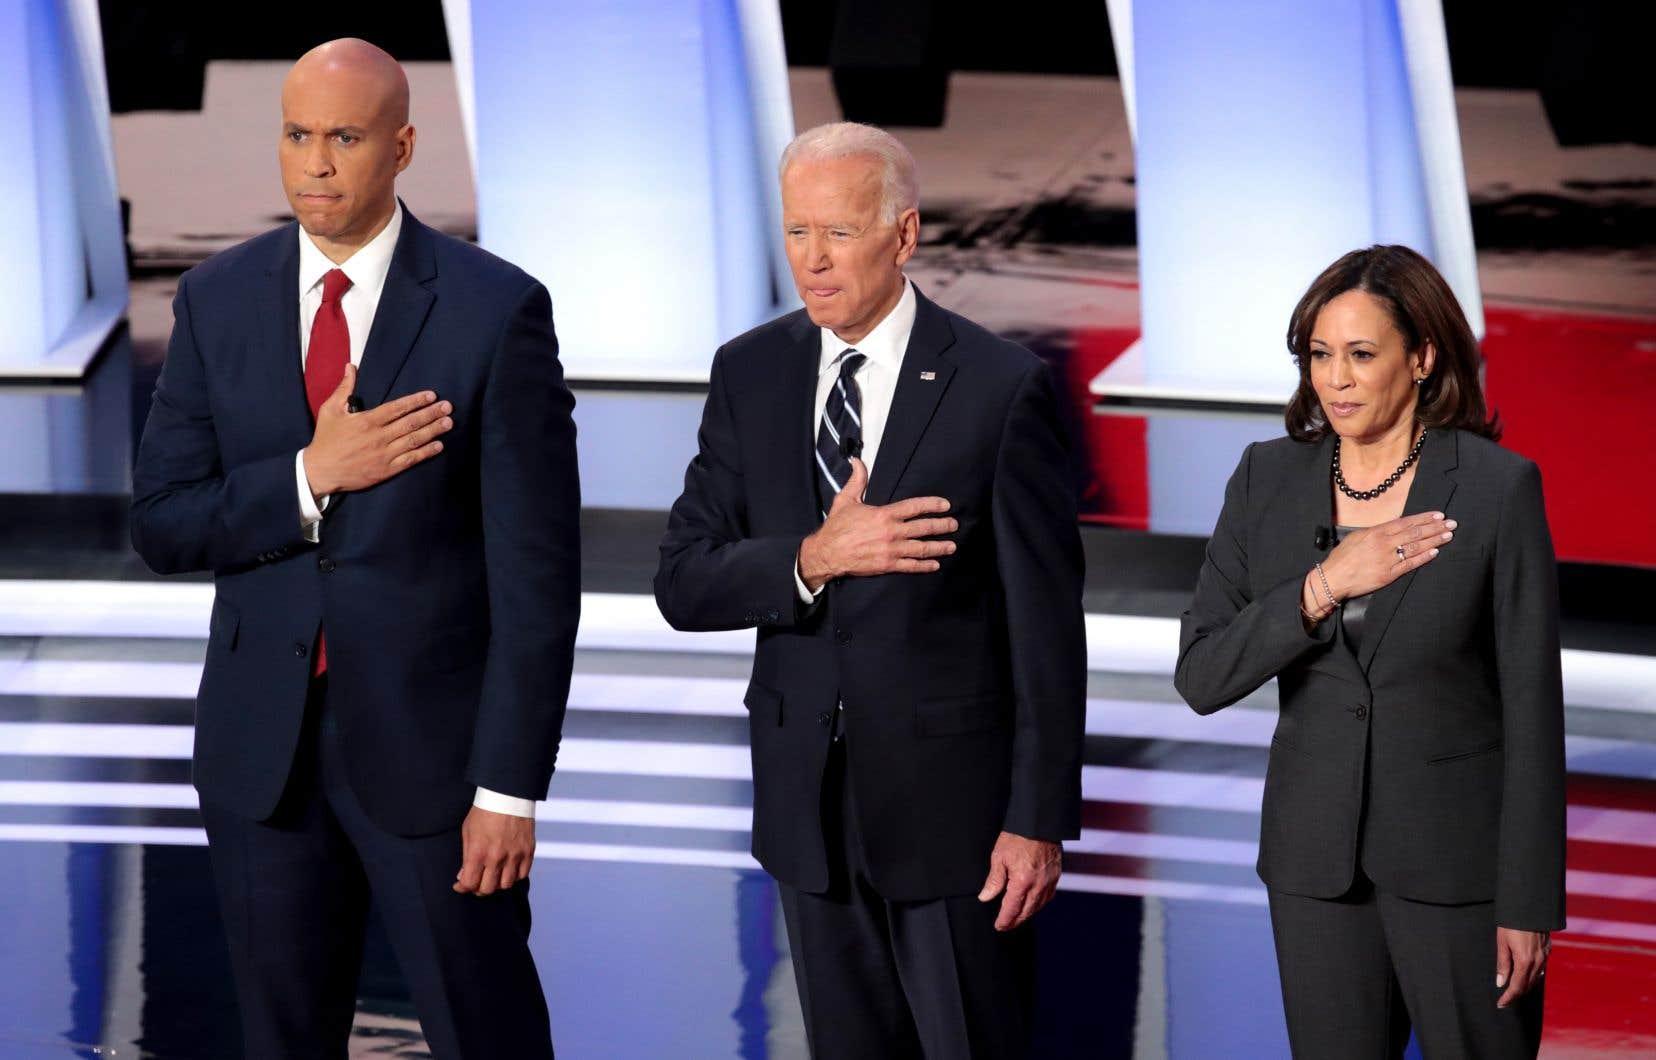 De gauche à droite: Cory Booker, Joe Biden et Kamala Harris, candidats à la primaire démocrate